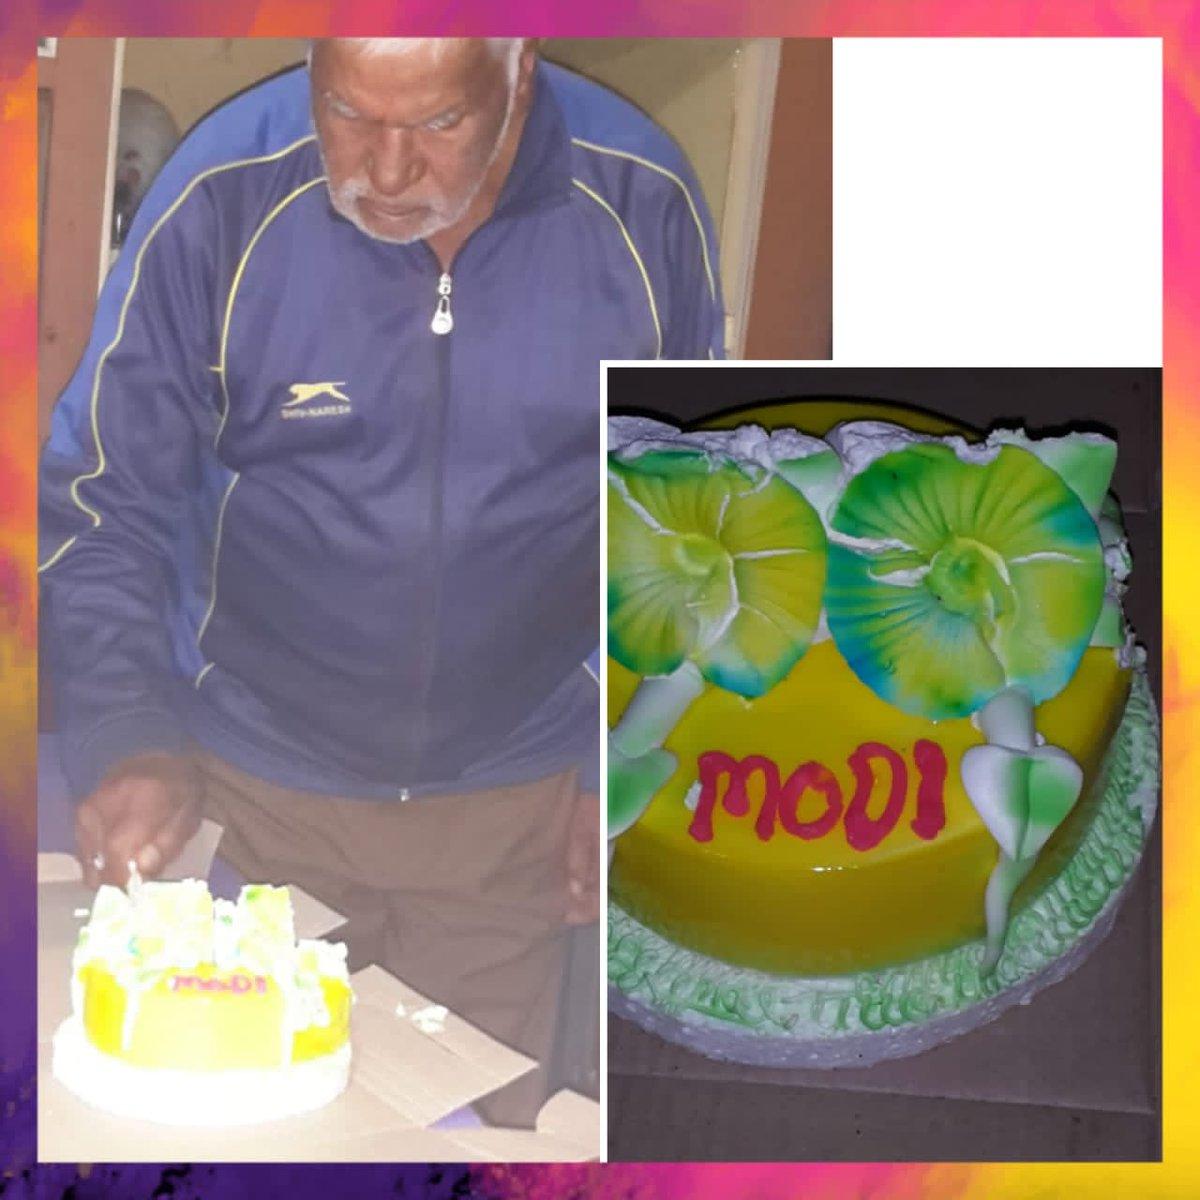 @narendramodi जी जन्मदिन की शुभकामनाएं 💐 महादेव आपको लंबी आयु दे,🙏🏻